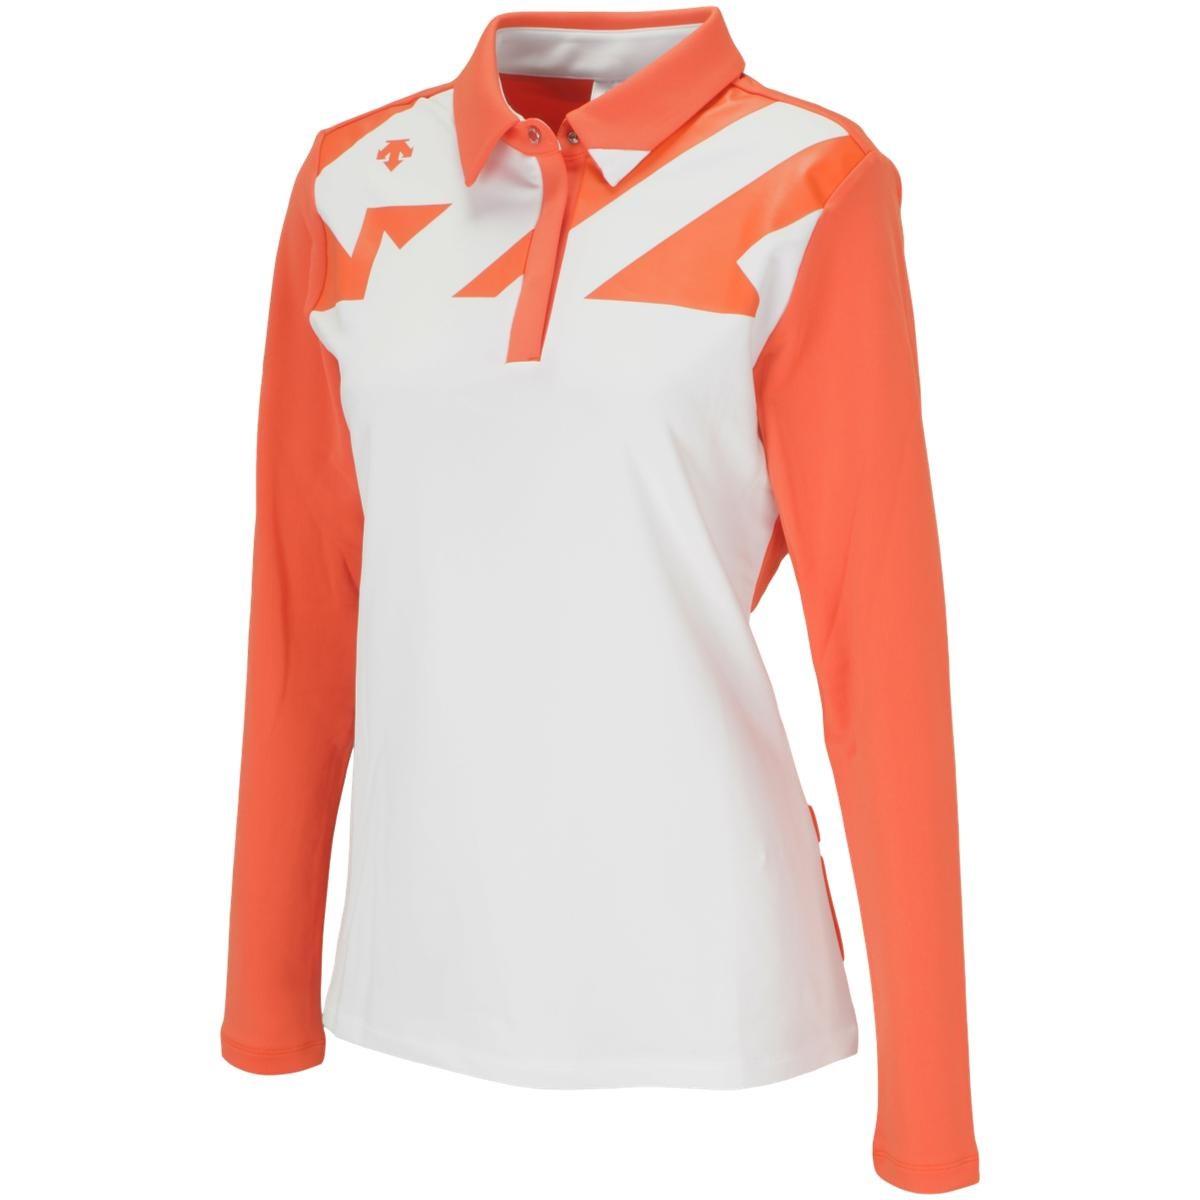 デサントゴルフ DESCENTE GOLF ストレッチ カチオンハイマルチ長袖ポロシャツ L オレンジ 00 レディス